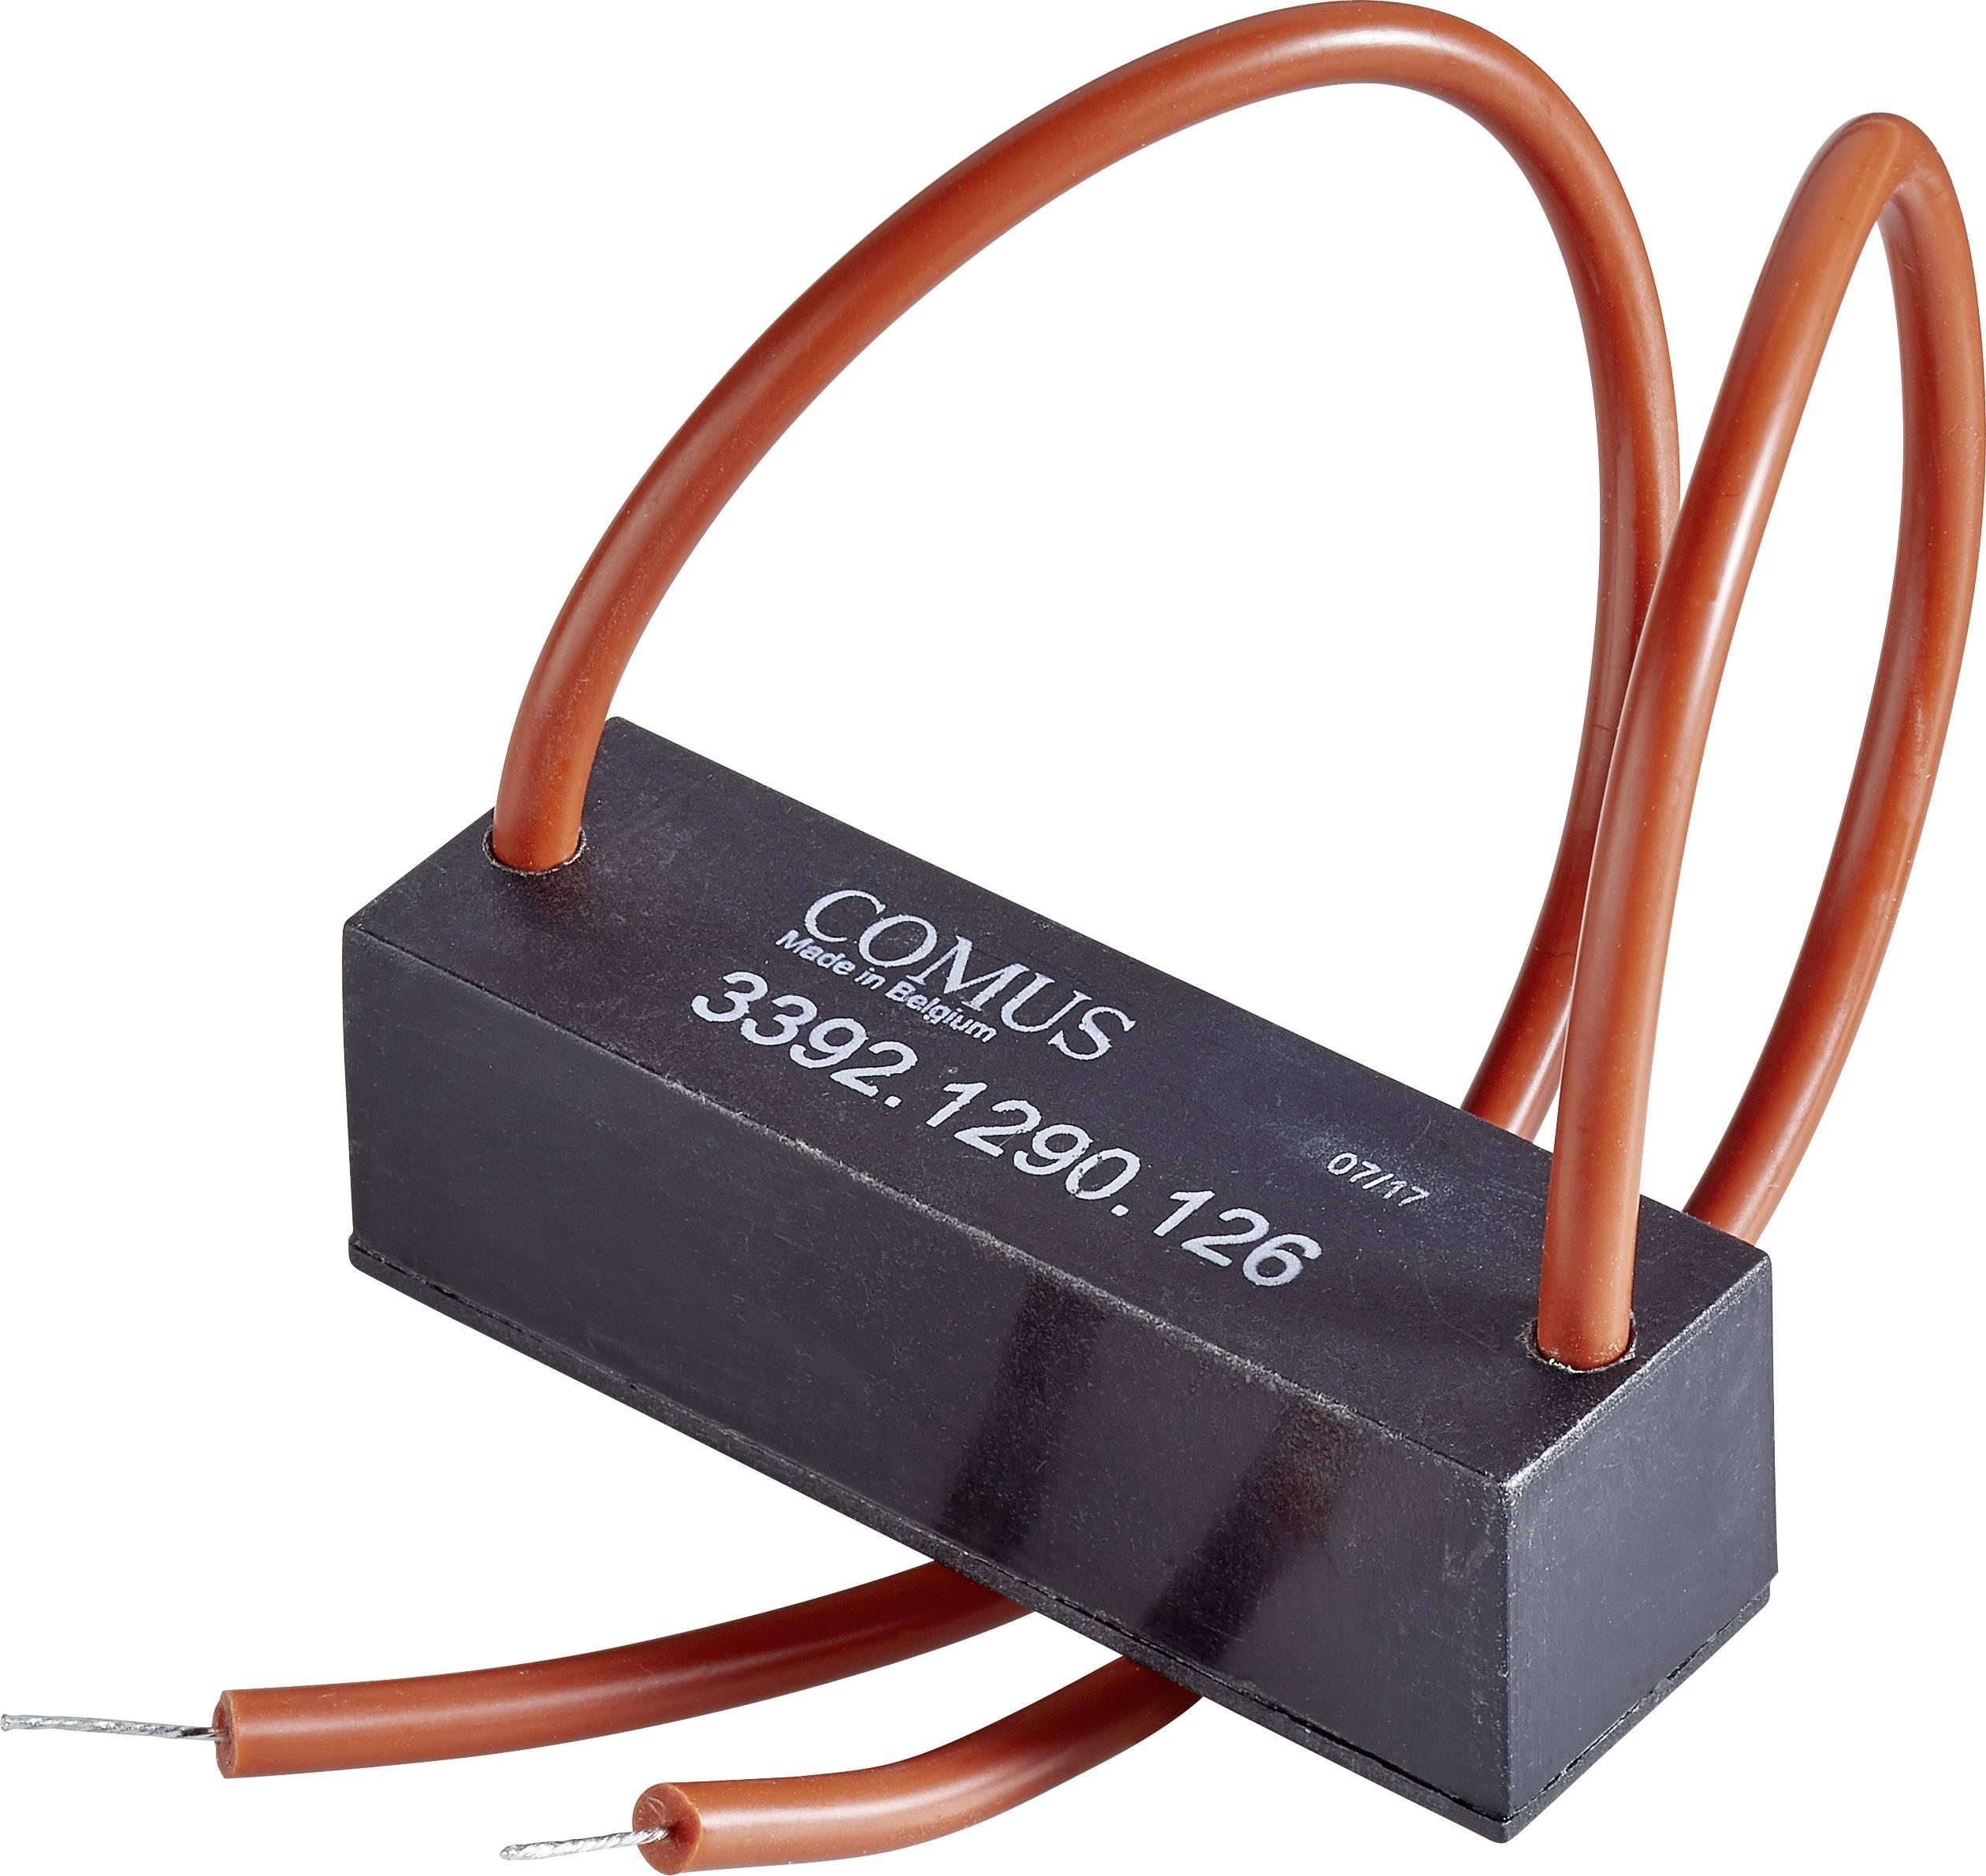 Relé s jazýčkovým kontaktem Comus 3391-1290-056, 3391-1290-056, 1 spínací kontakt, 5 V/DC, 3 A, 50 W